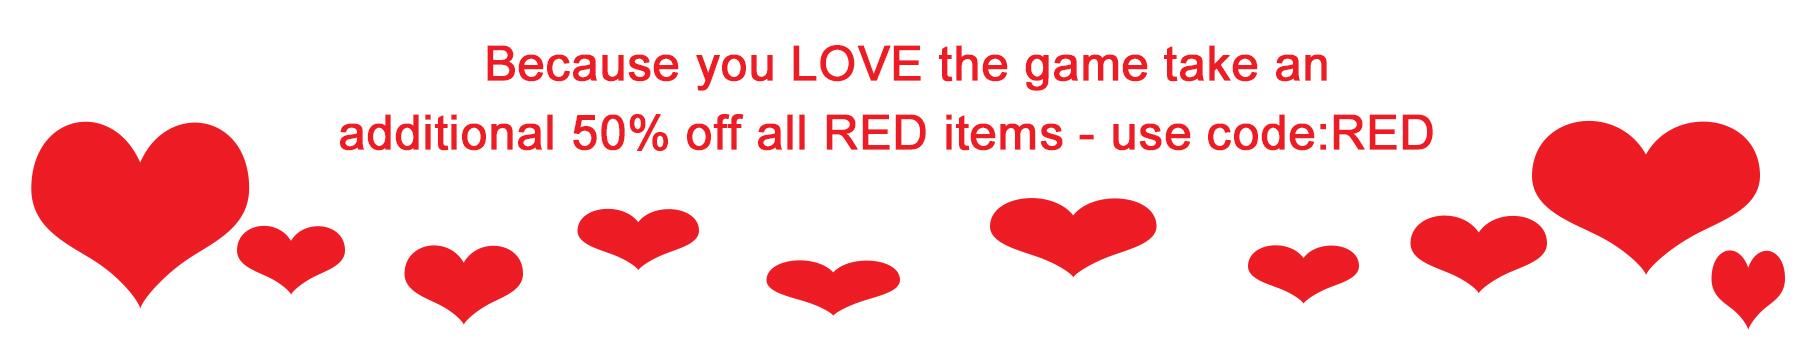 valentine-banner-2.jpg